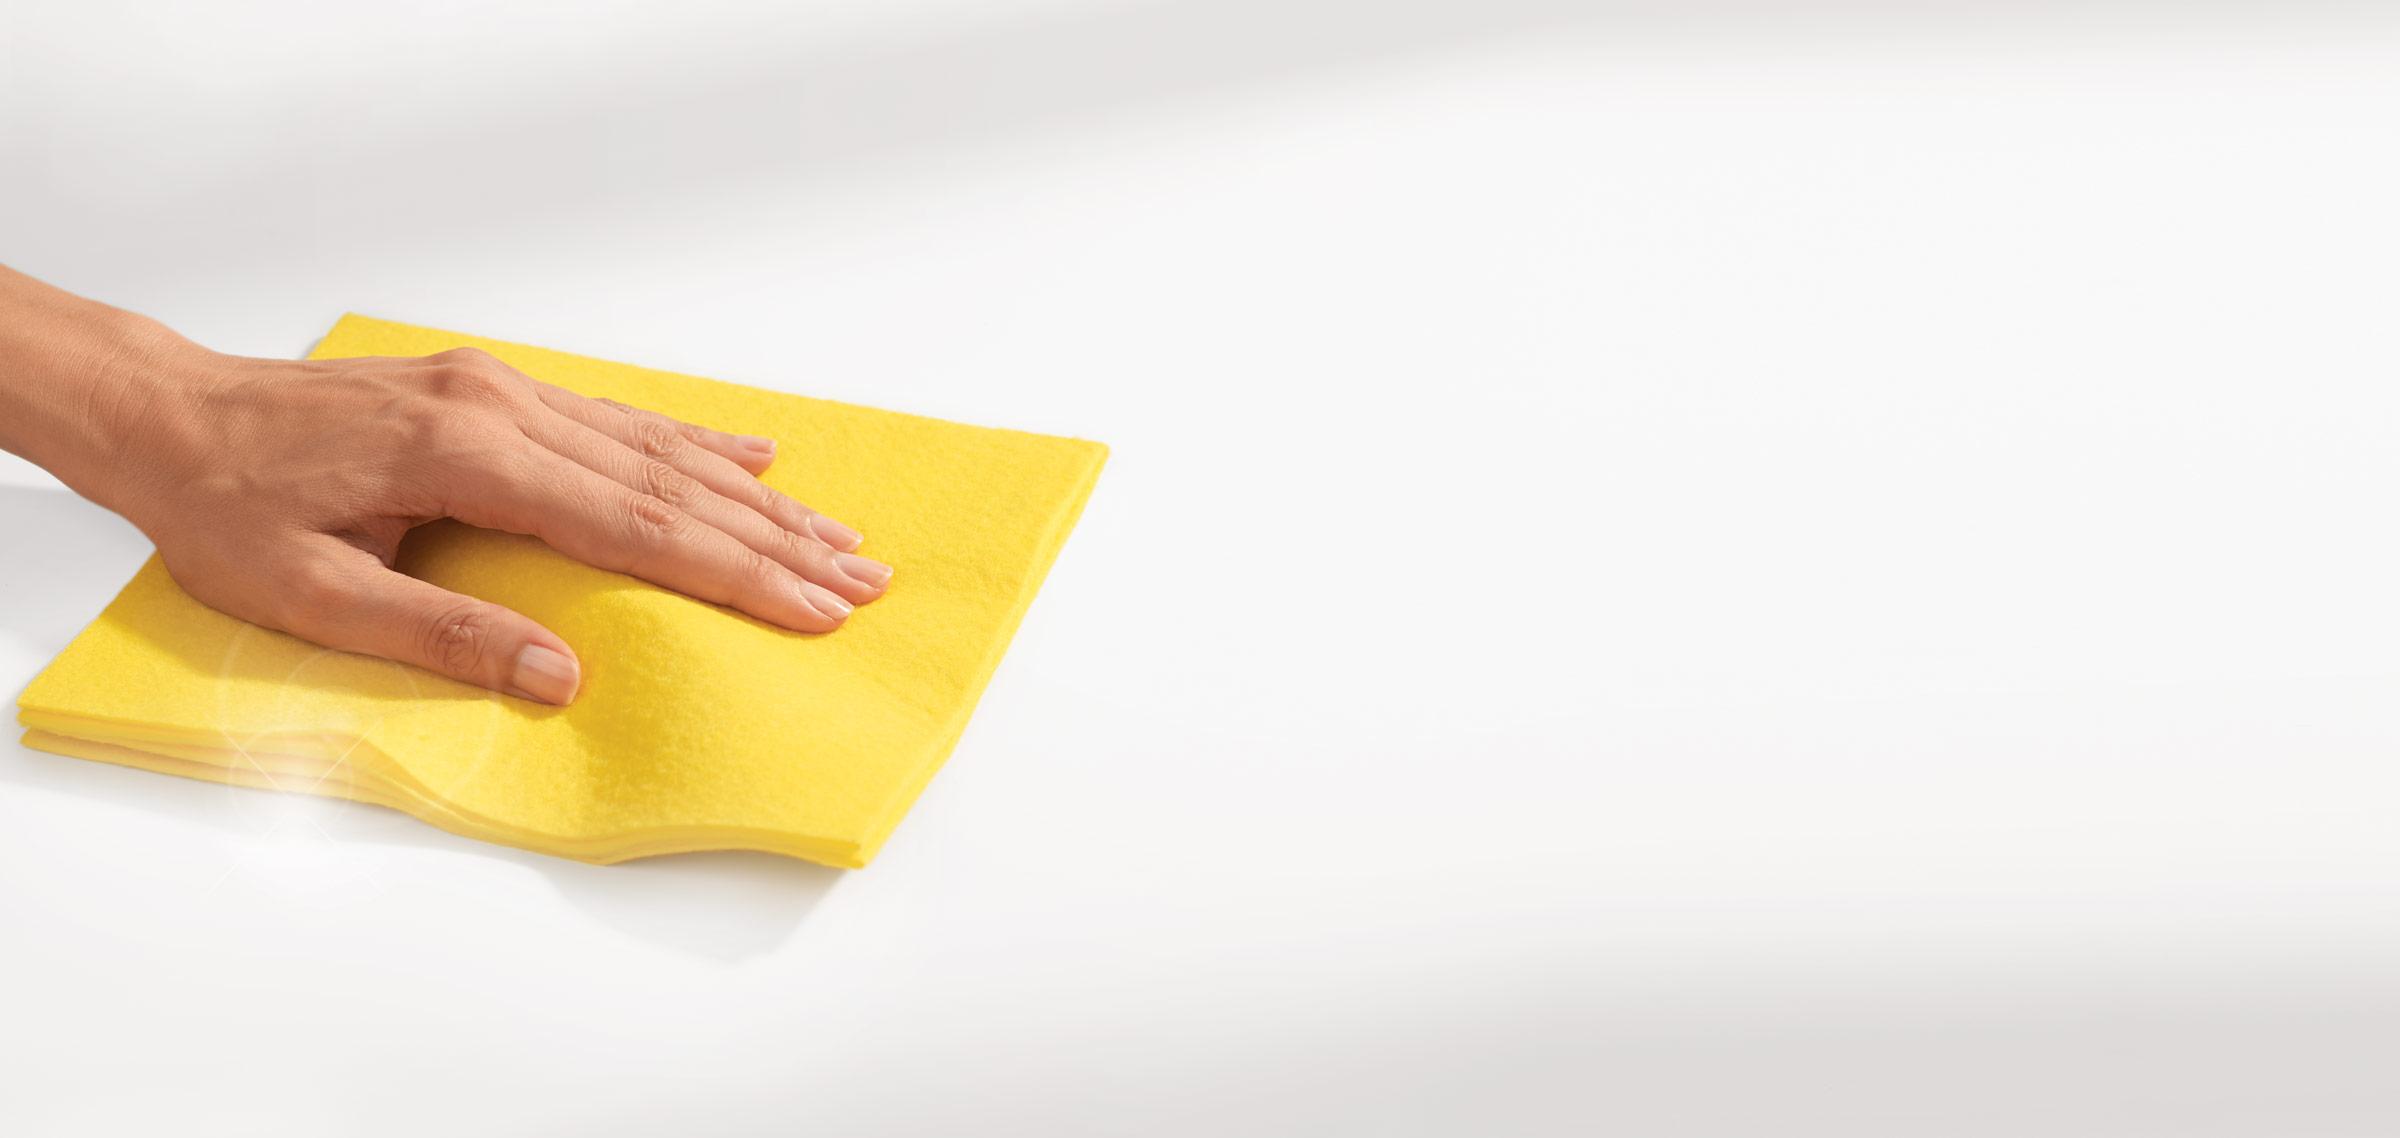 Mery | Soluciones de limpieza | Bayeta elimina-manchas